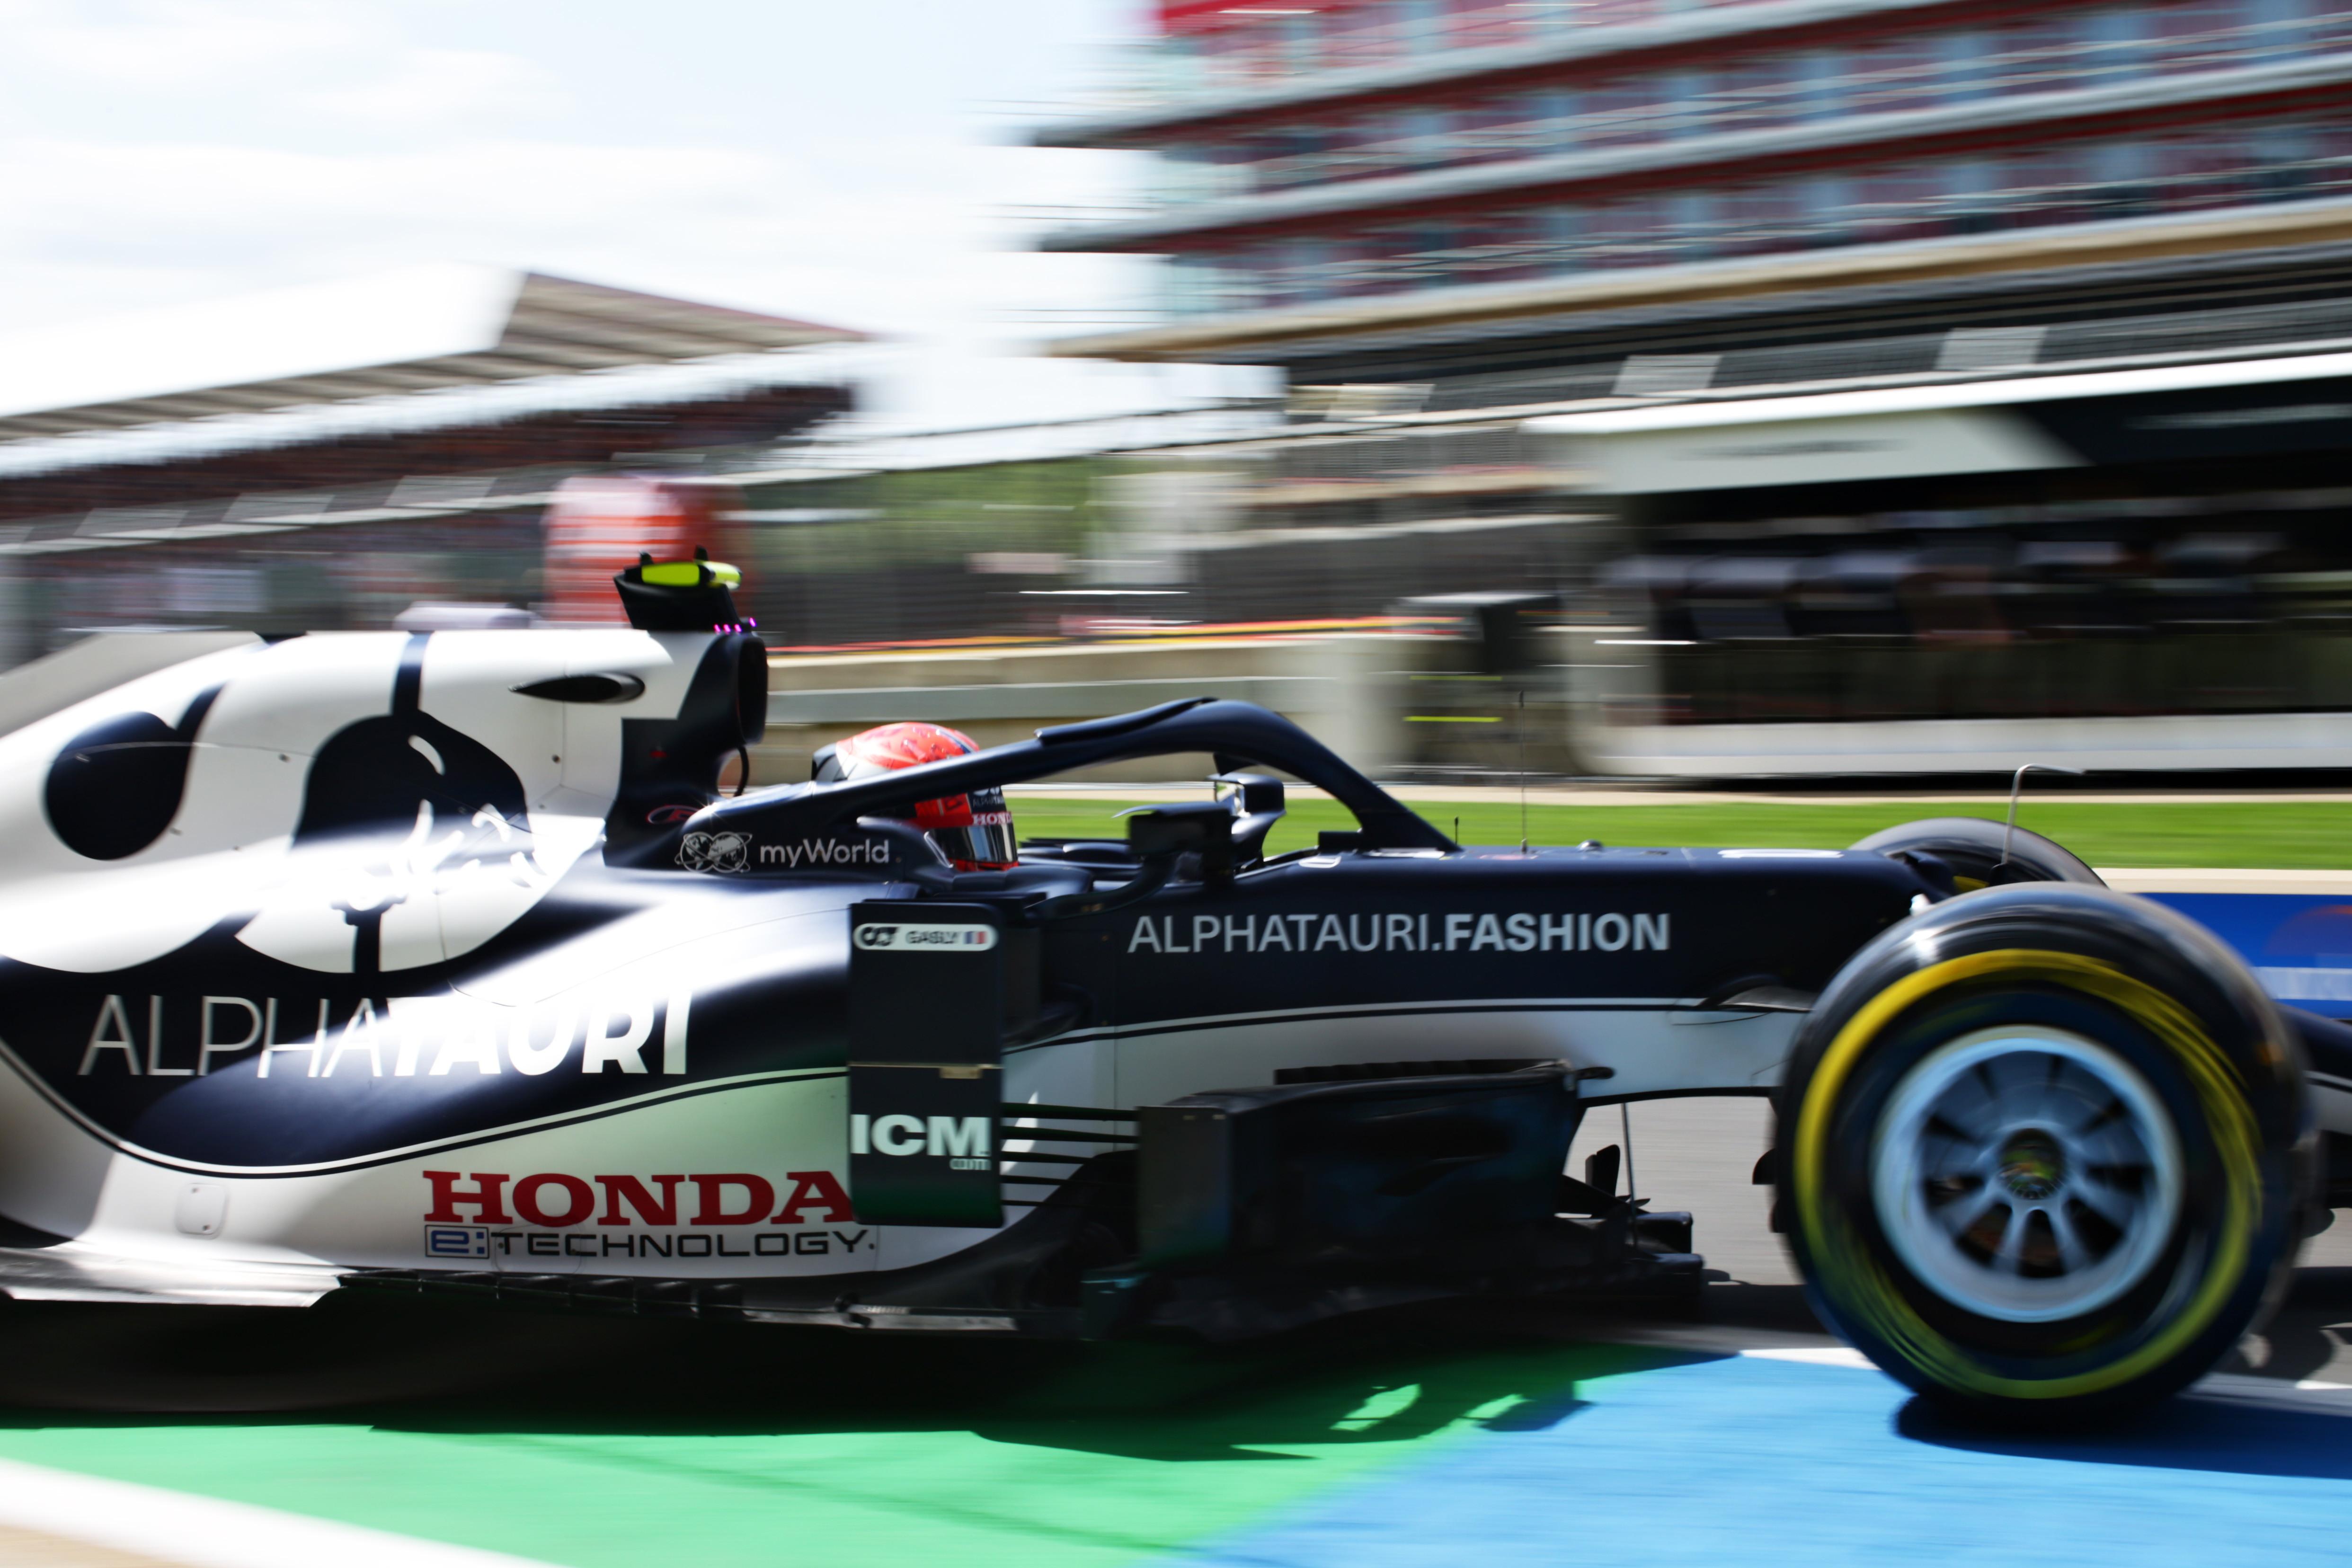 Venerd&igrave; sui generis per la Formula Uno, che in questo fine settimana vedr&agrave; in scena la Sprint Qualifying che rivoluziona il programma: libere e qualifiche al venerd&igrave;, FP2 e Sprint sabato e gara domenica.<br /><br />